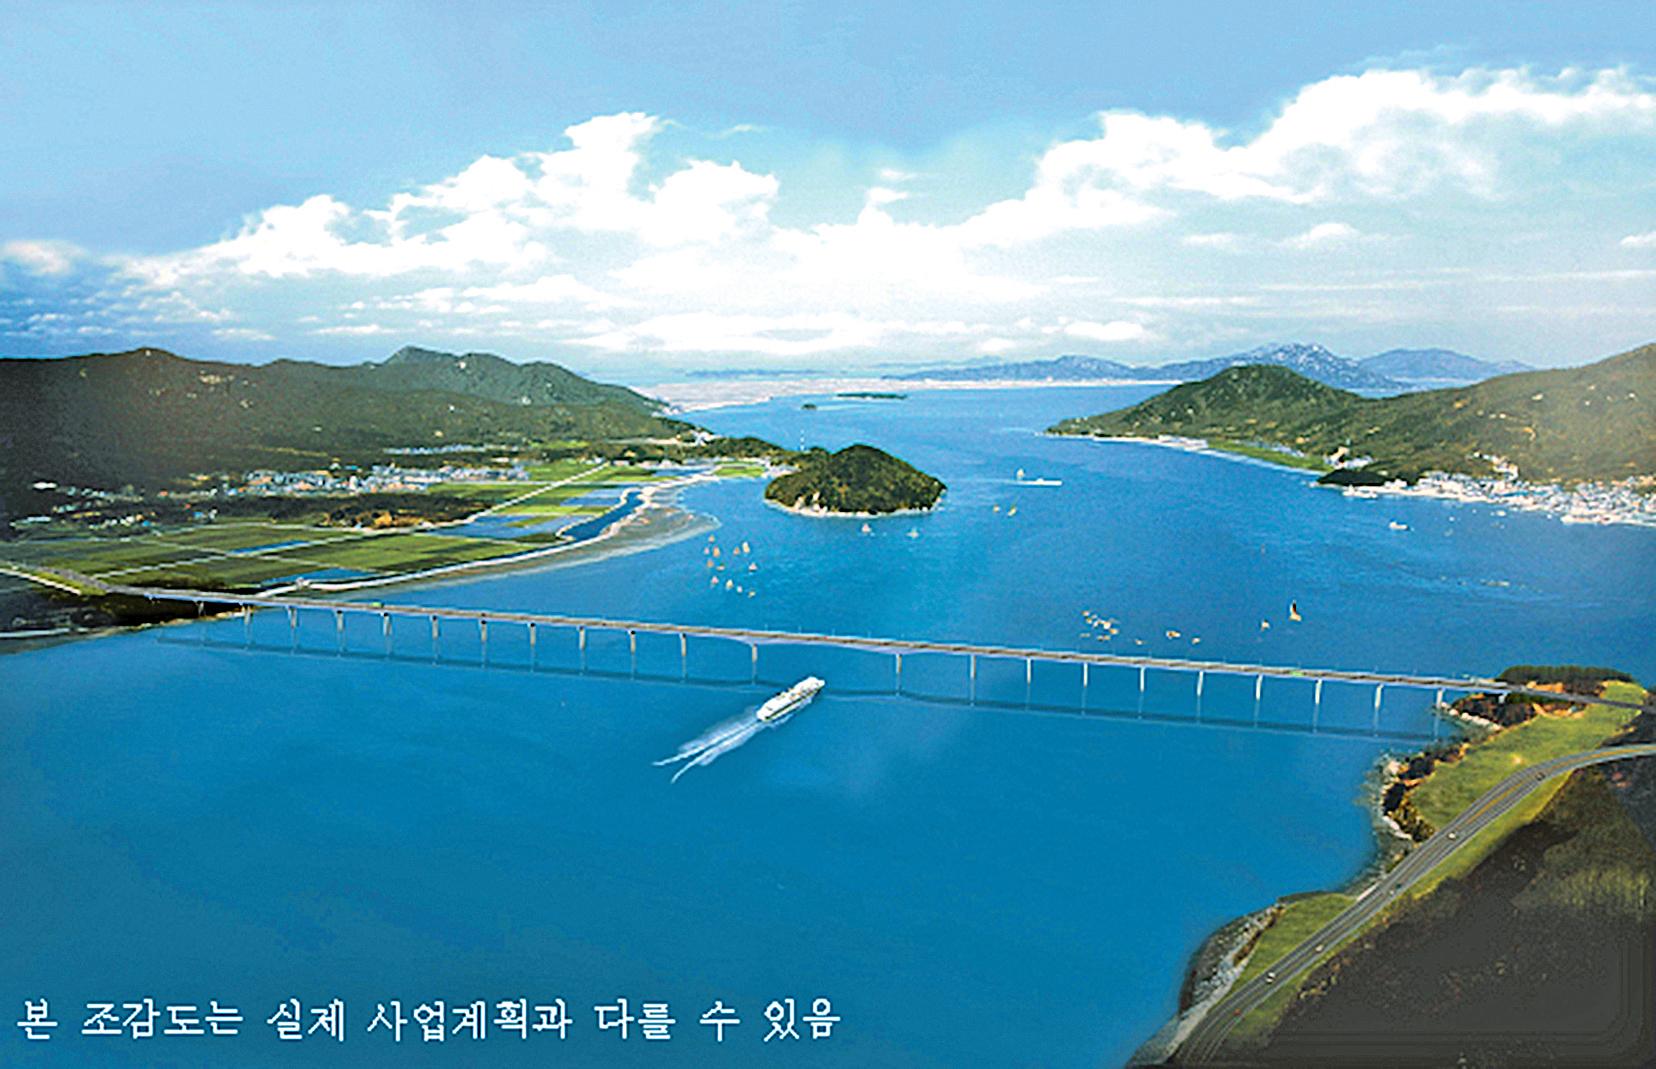 三山連陸橋 (newsis)